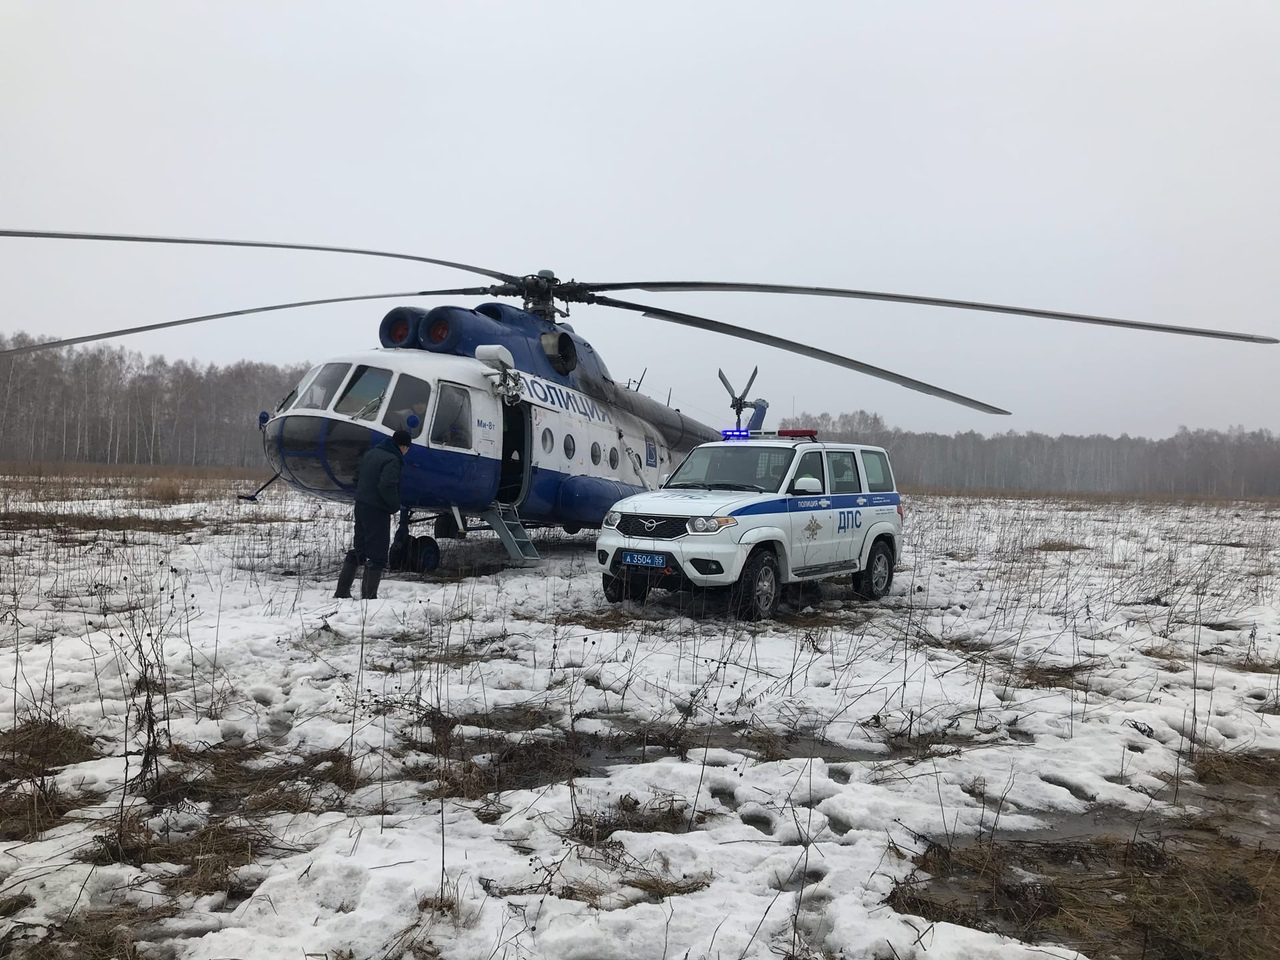 В Омской области автолюбителей-нарушителей ловят с воздуха #Омск #Общество #Сегодня